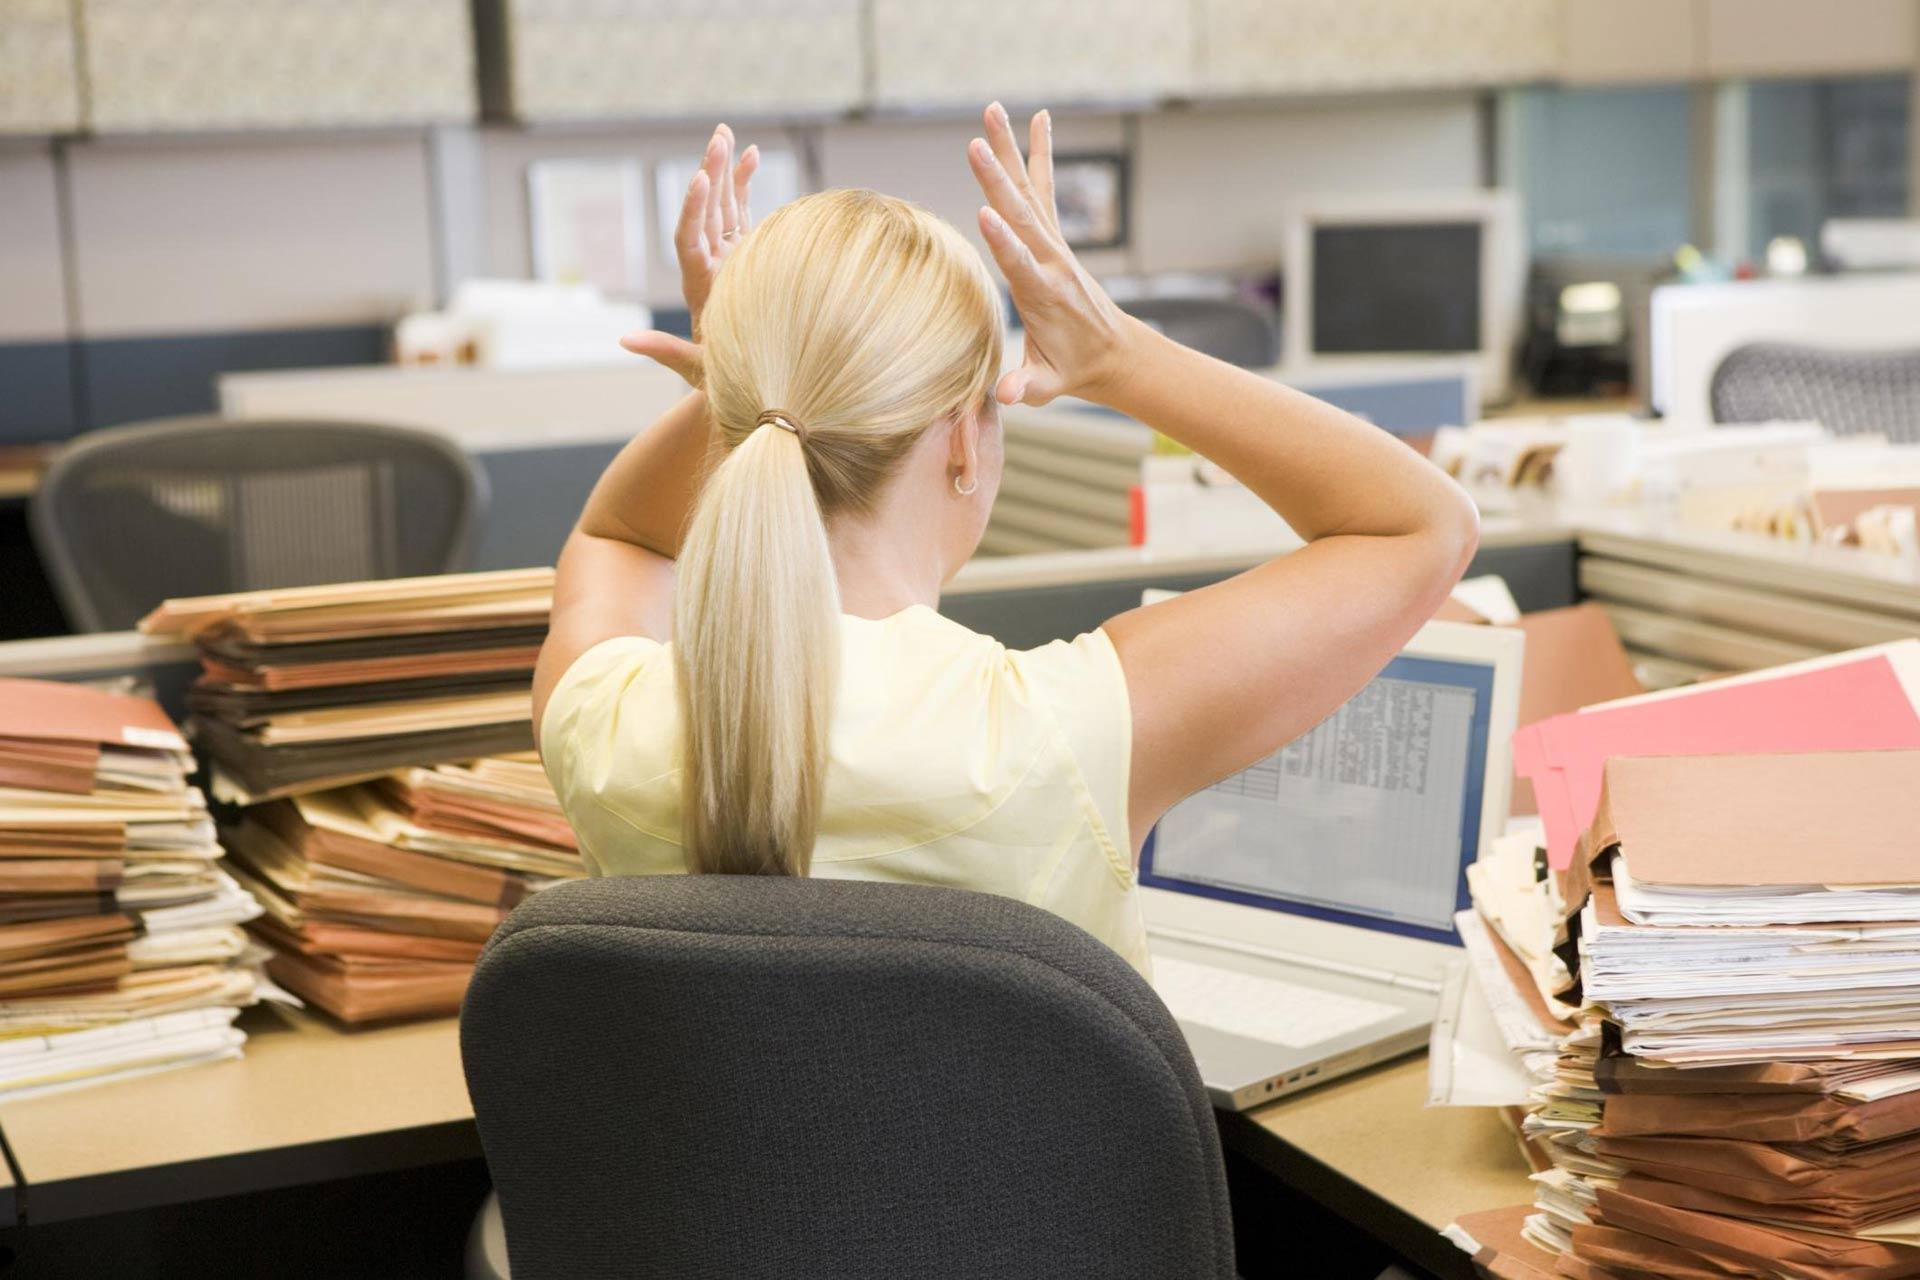 Вебинар: Как избавиться от хаоса в делах, успевать строить бизнес и жить